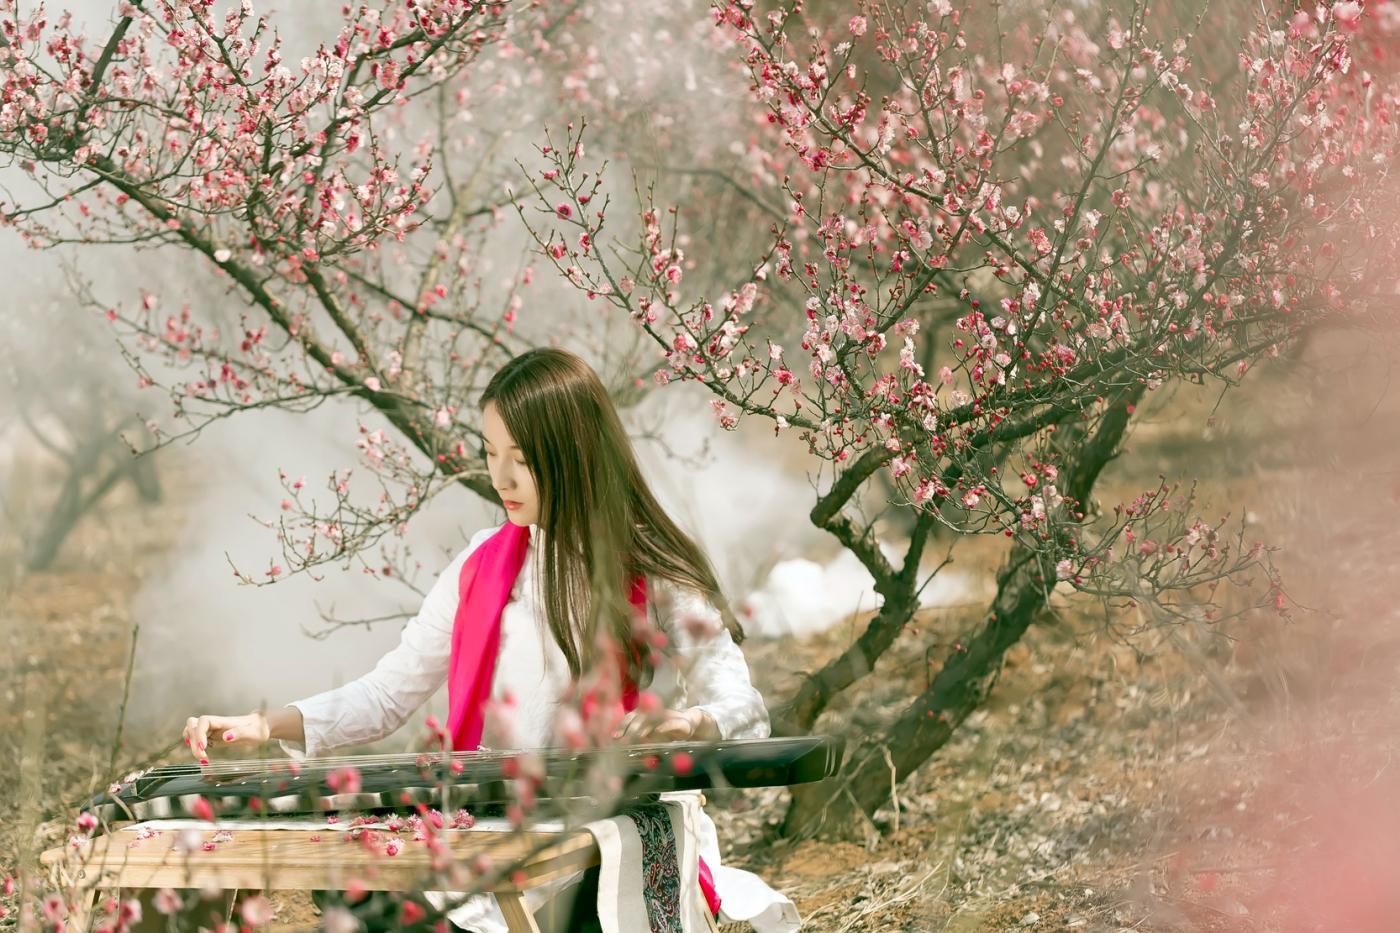 费县的春天从鲜花烂漫的梅林和女孩张诗奇的偶遇开始_图1-16